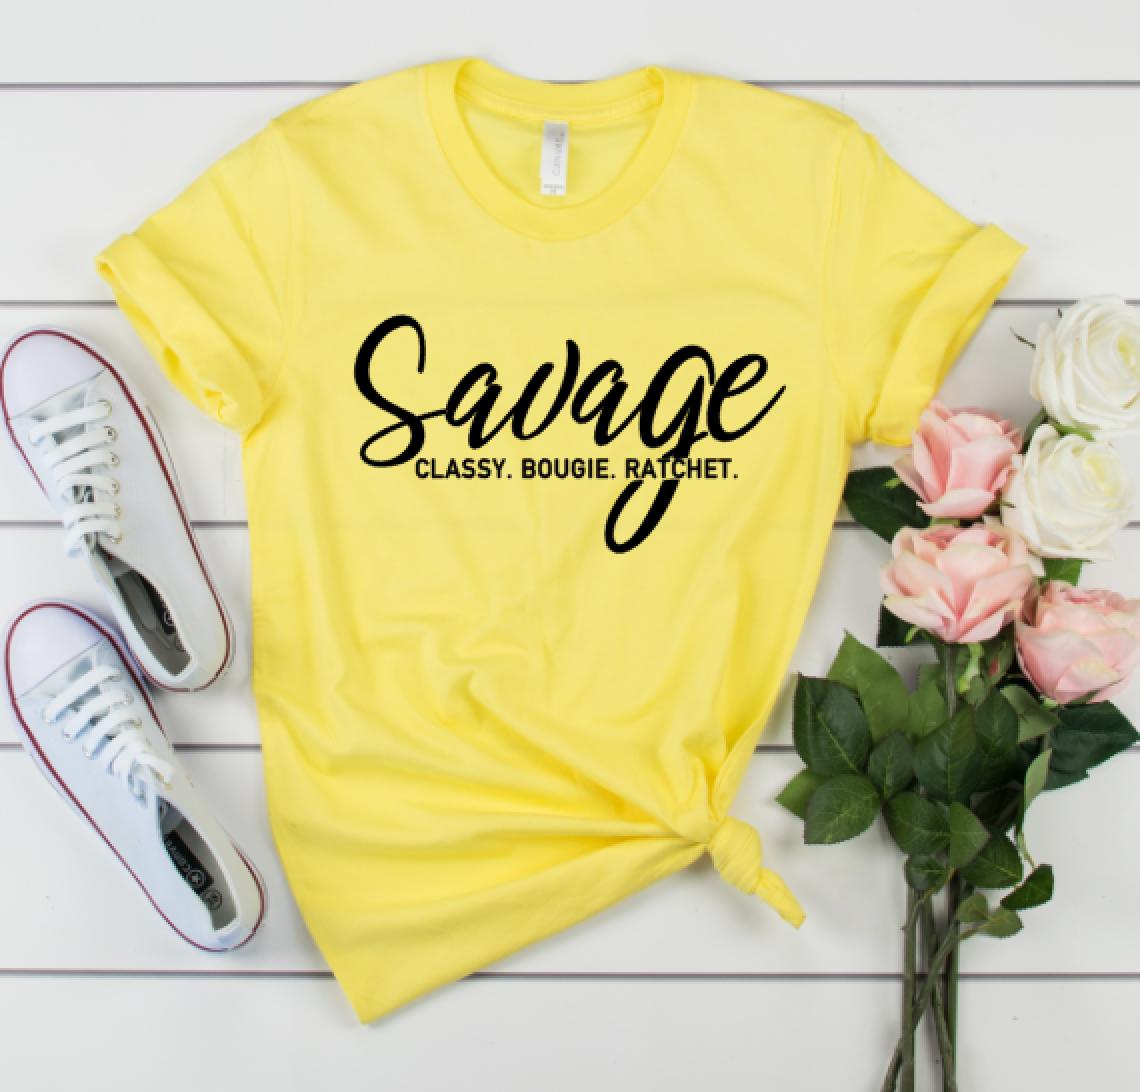 Savage - orangeshine.com